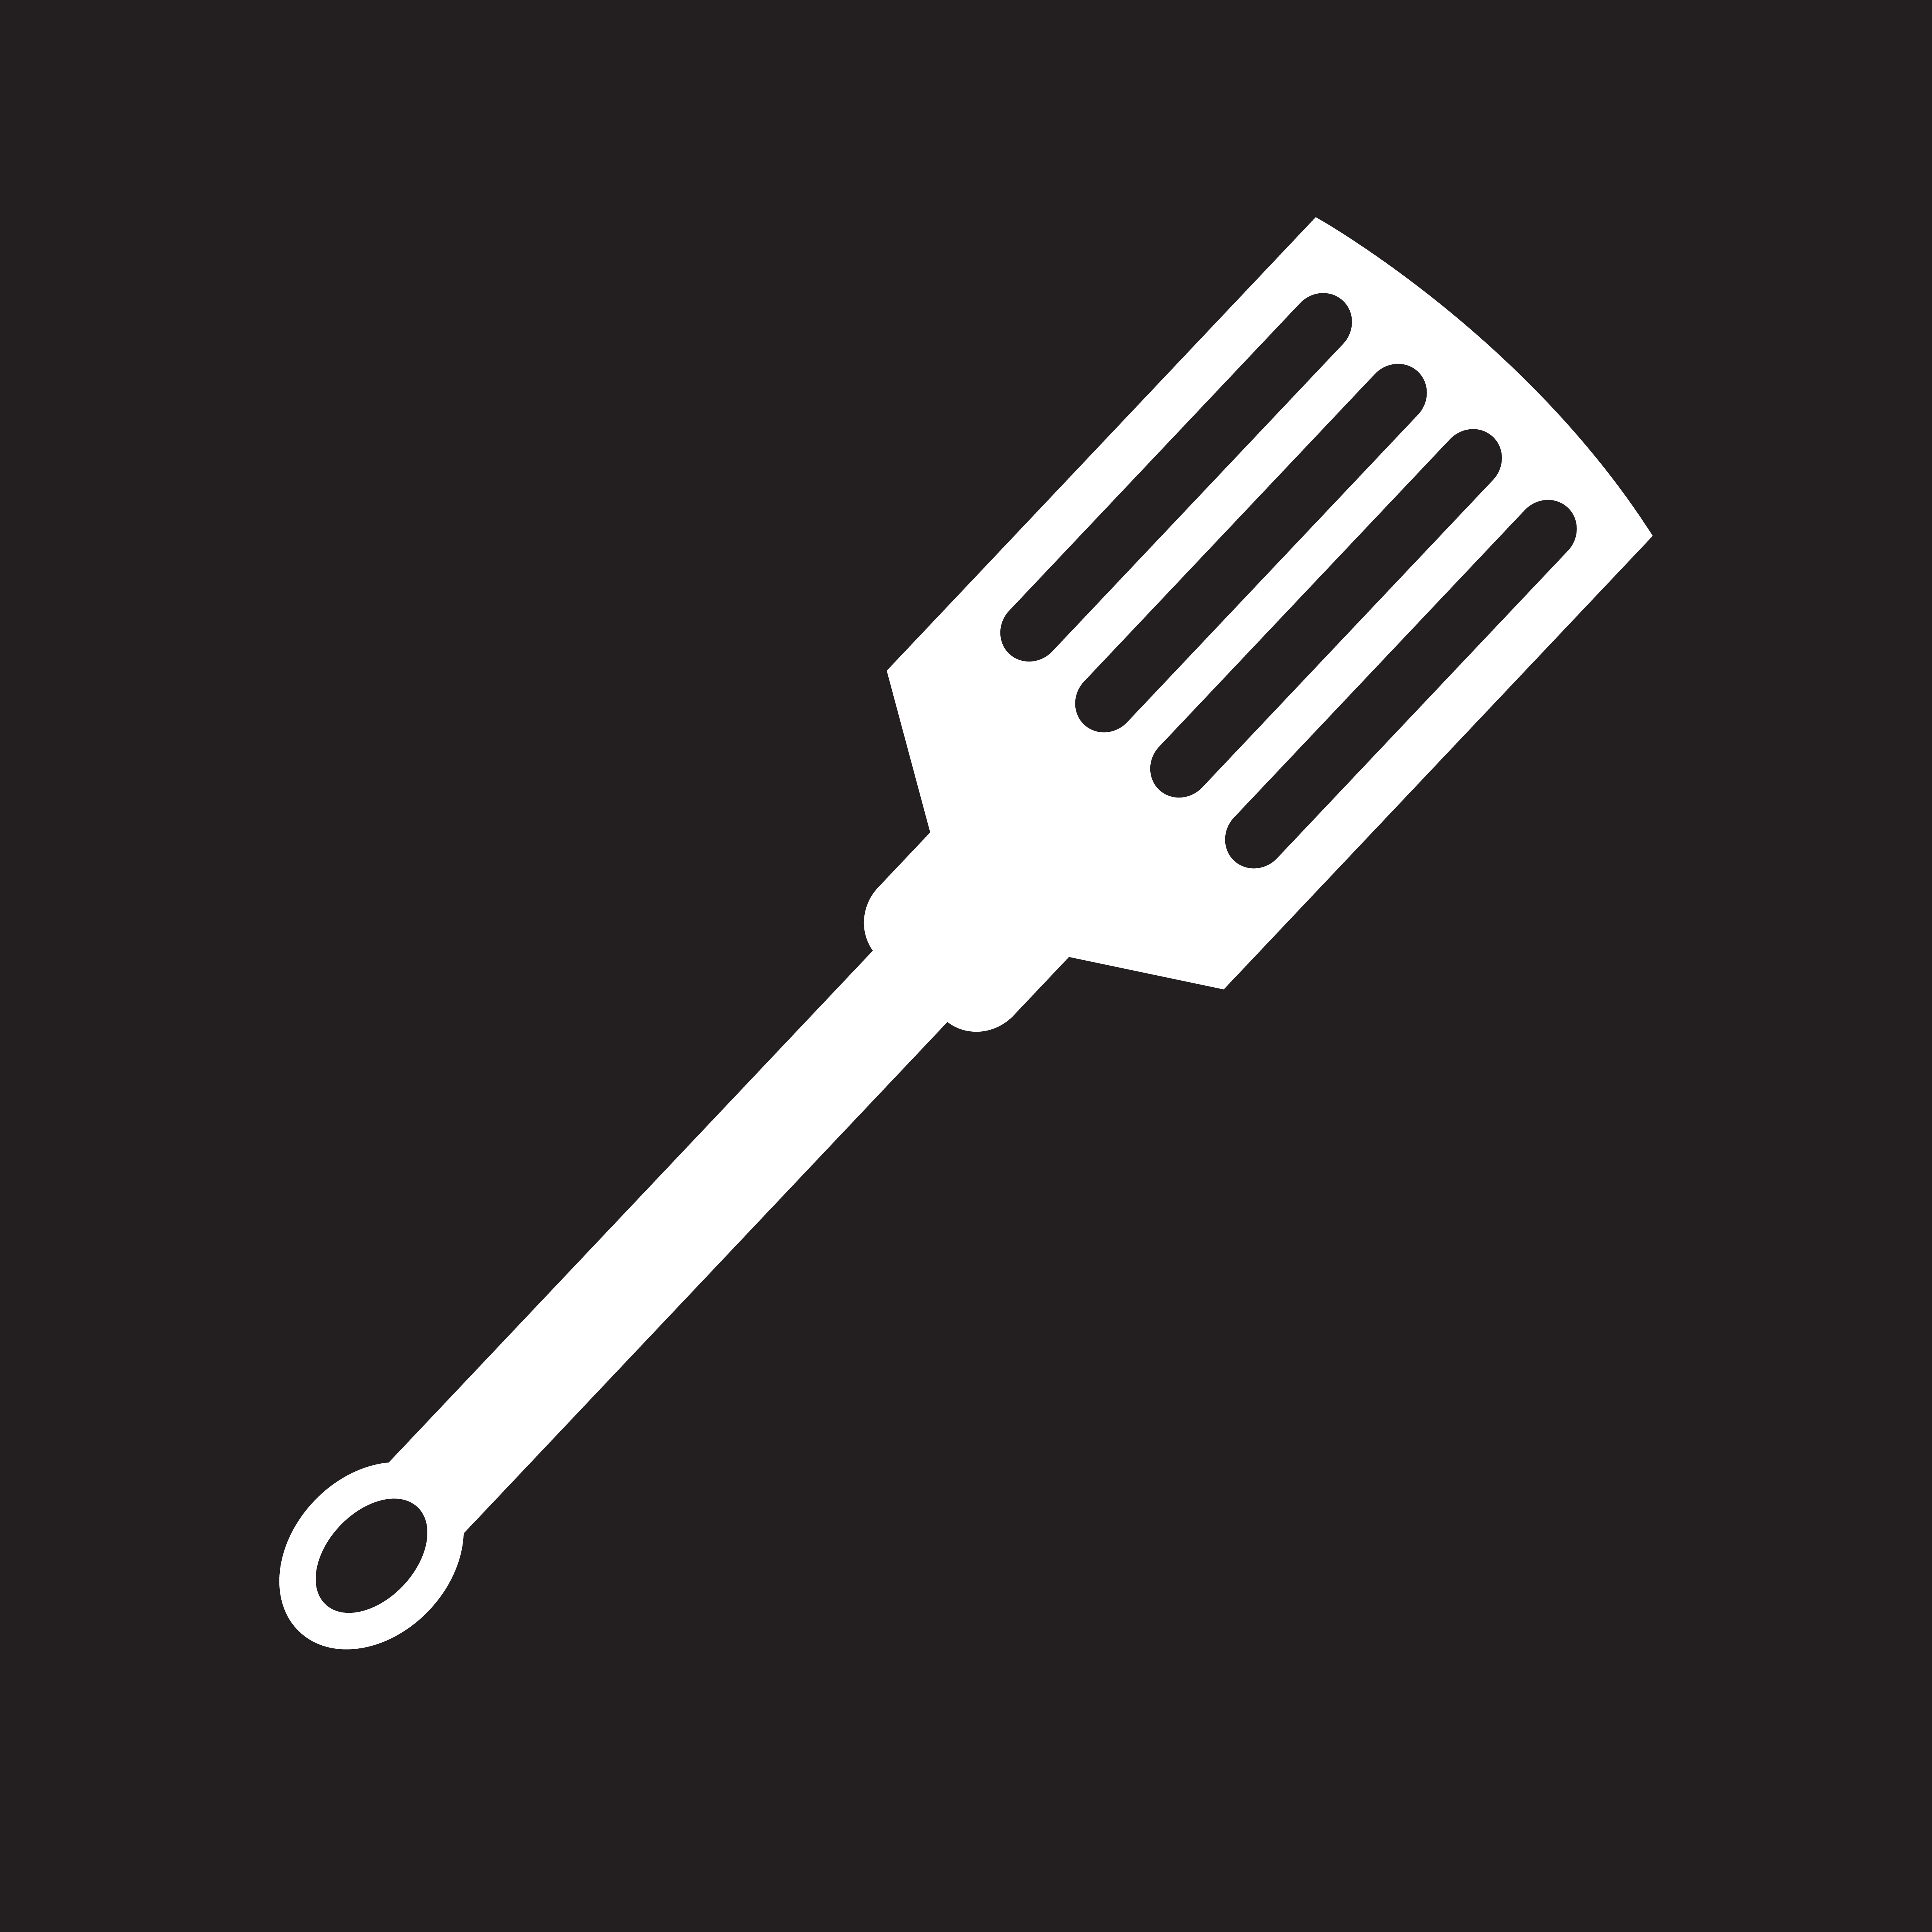 Kitchen Spatula Icon Download Free Vectors Clipart